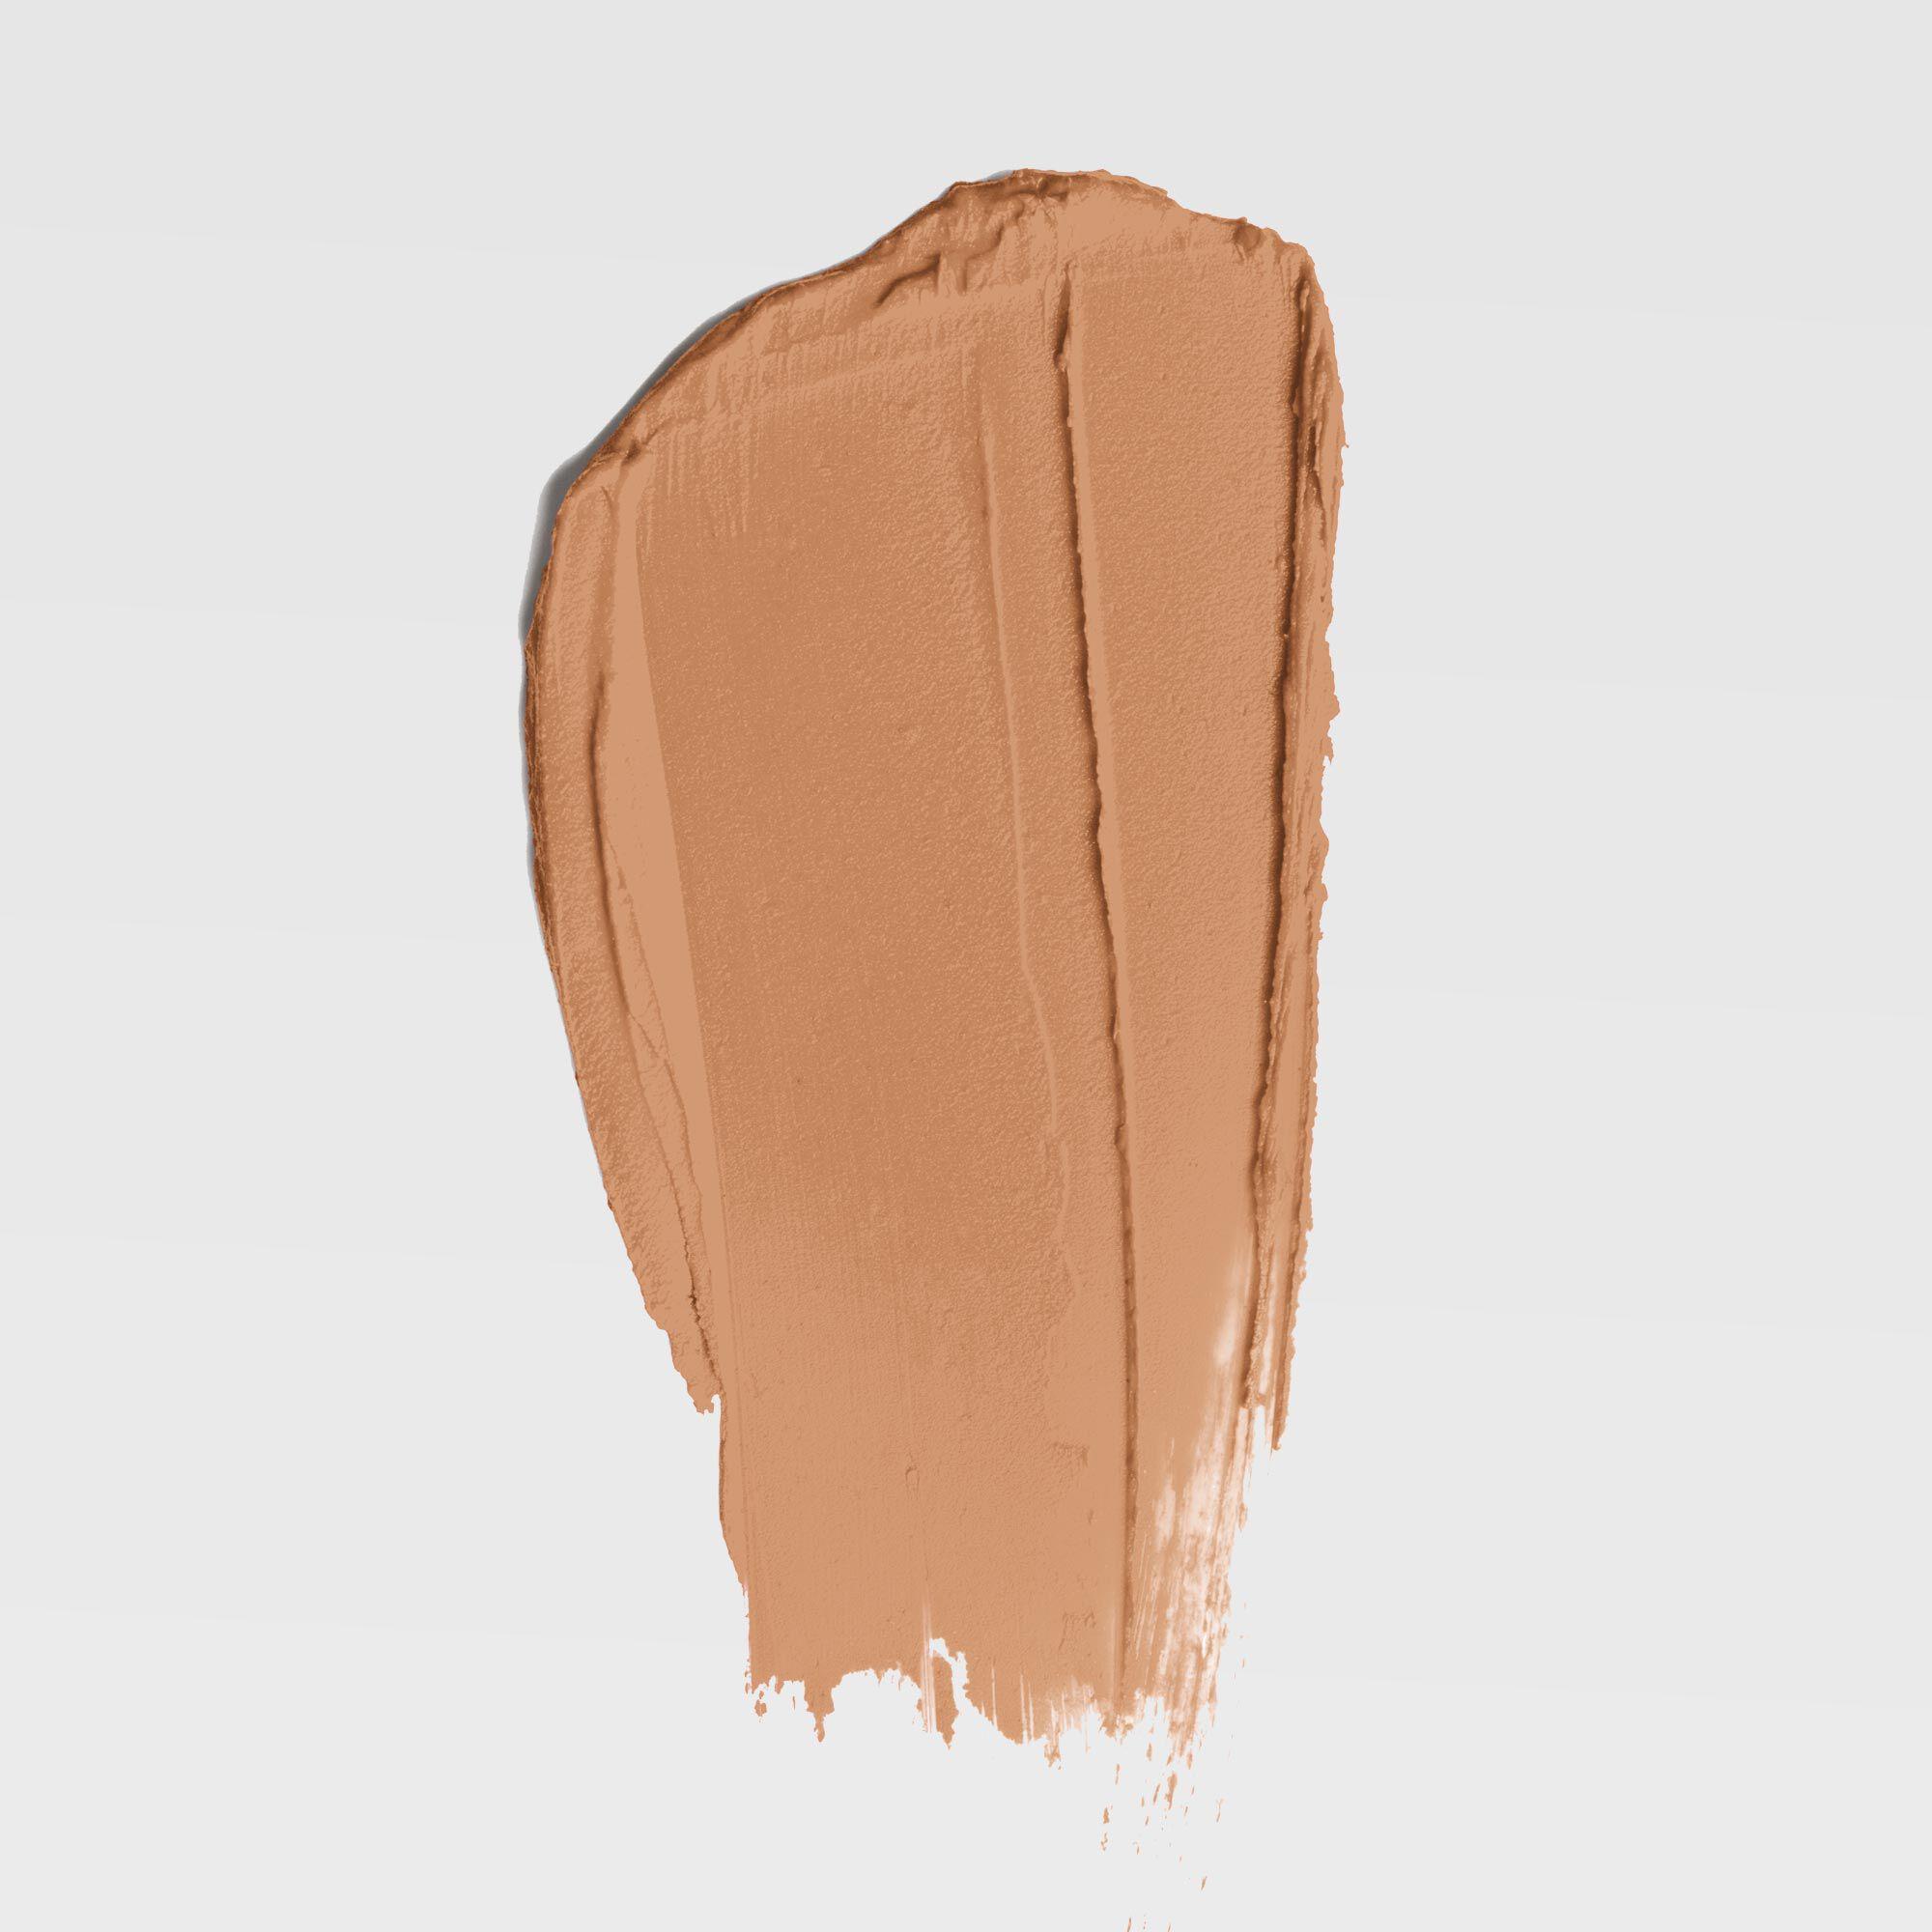 amber smear